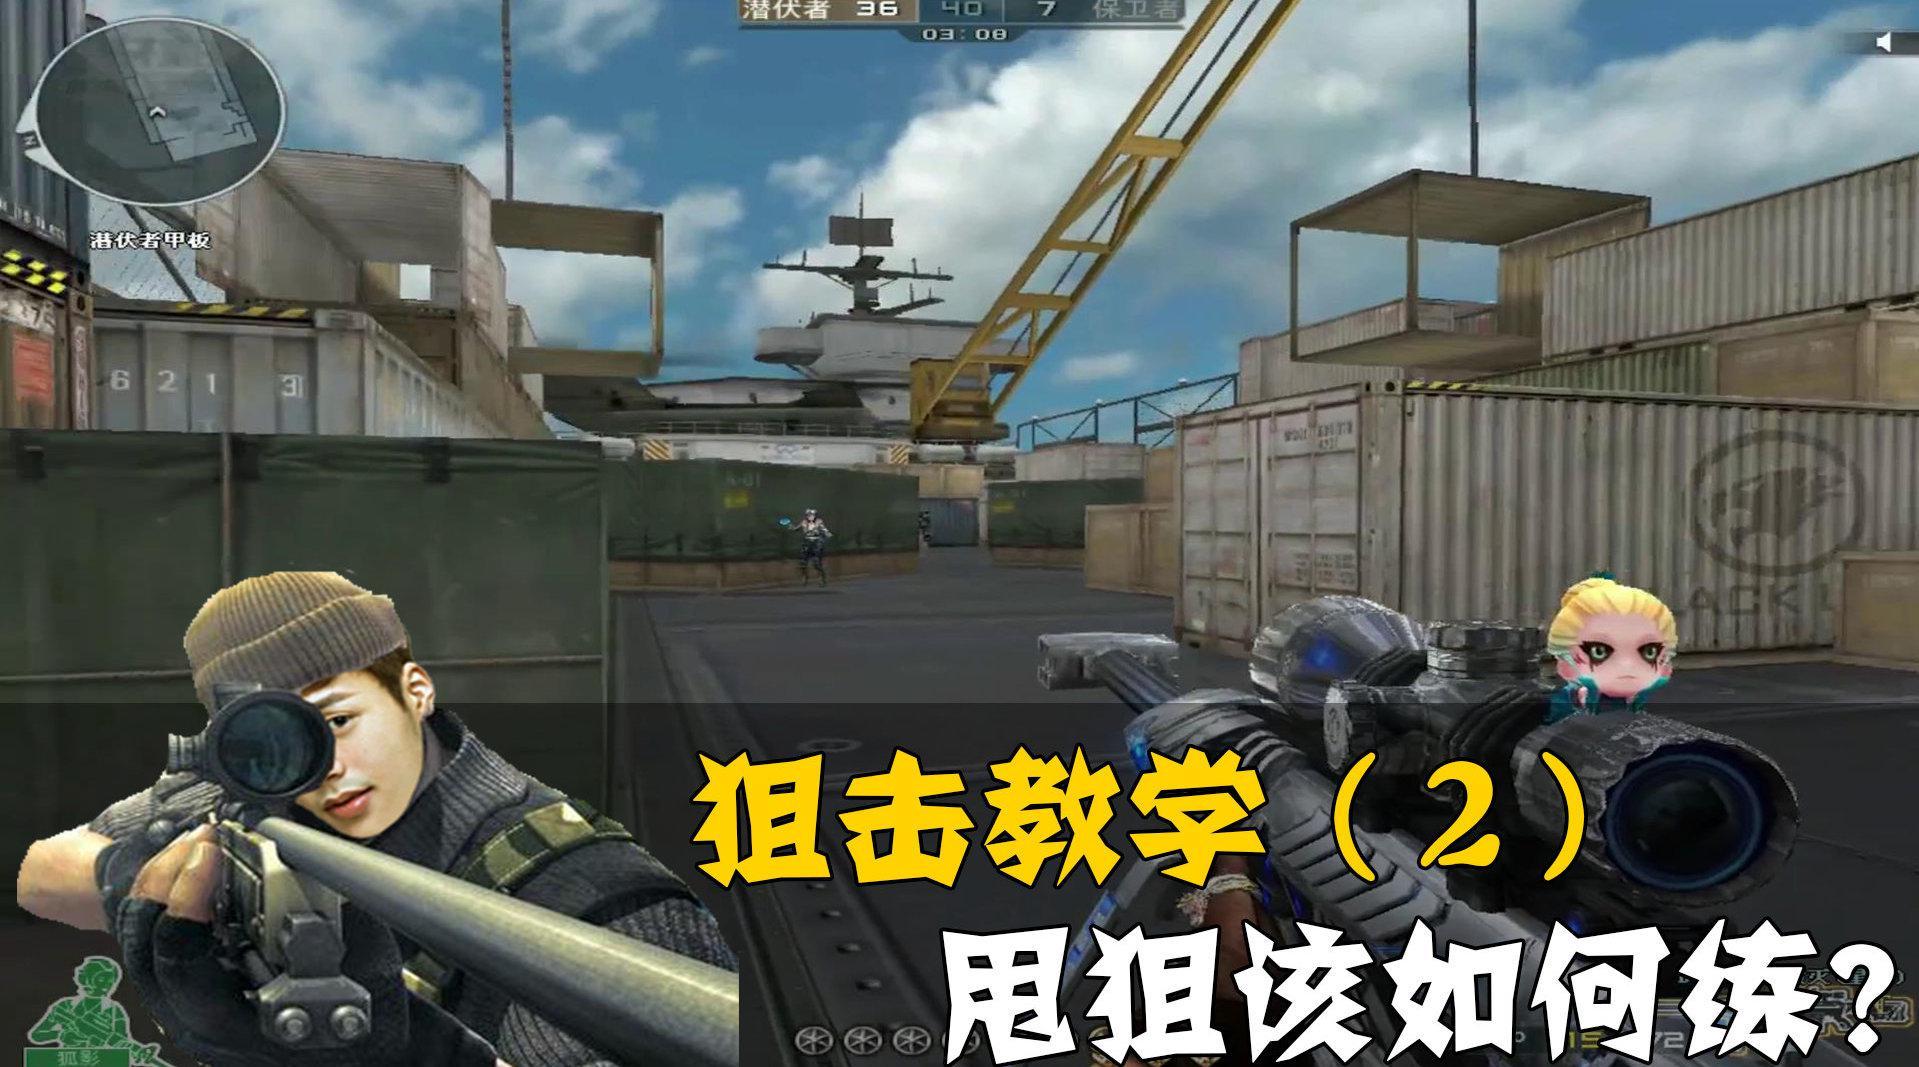 穿越火线阿飞:狙击教学(2),甩狙该如何练习?